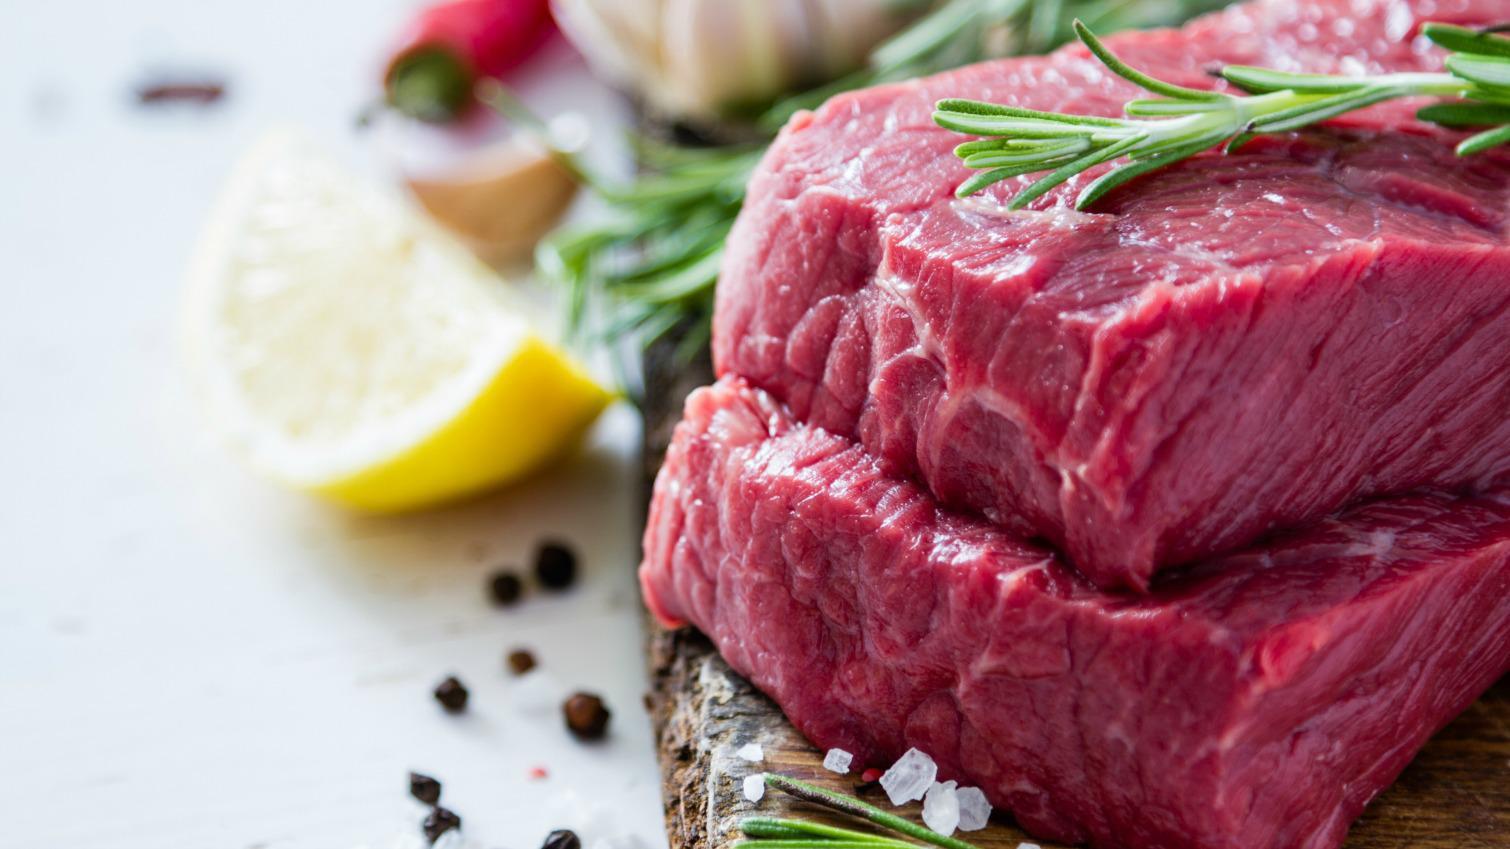 Beginilah cara merebus daging agar cepat empuk